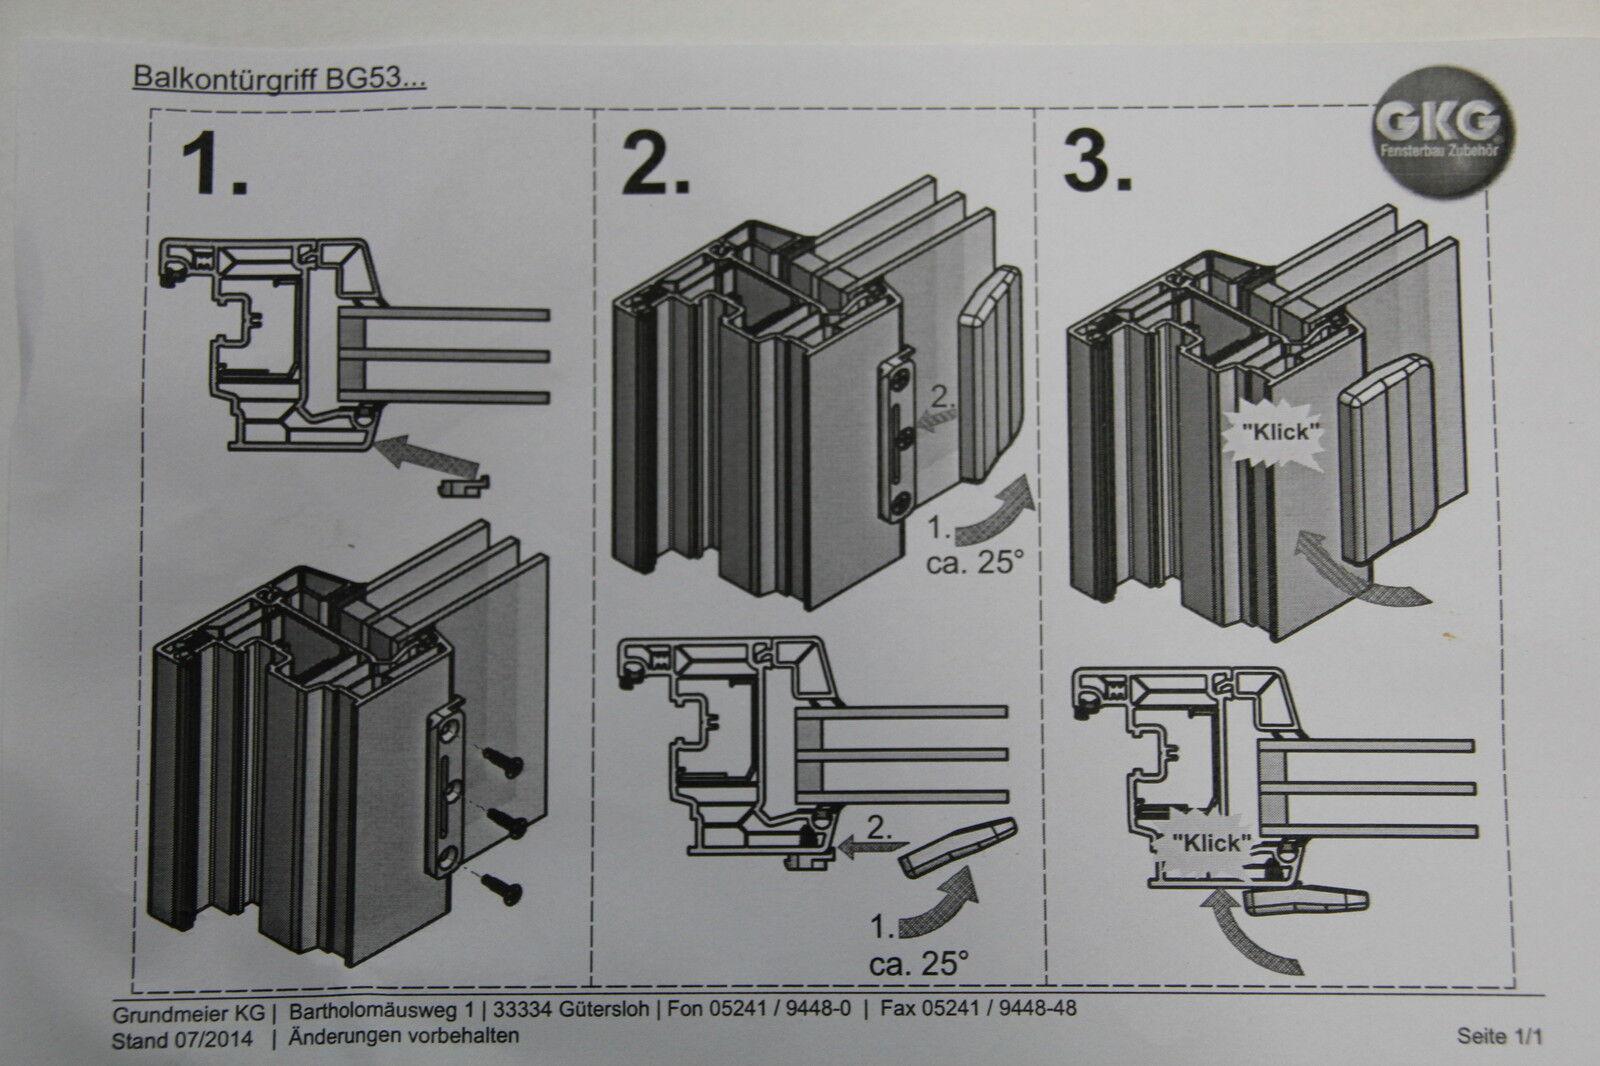 BG53 Terrassentürgriff Balkontürgriff Türgriff Ziehgriff Muschelgriff div Farben